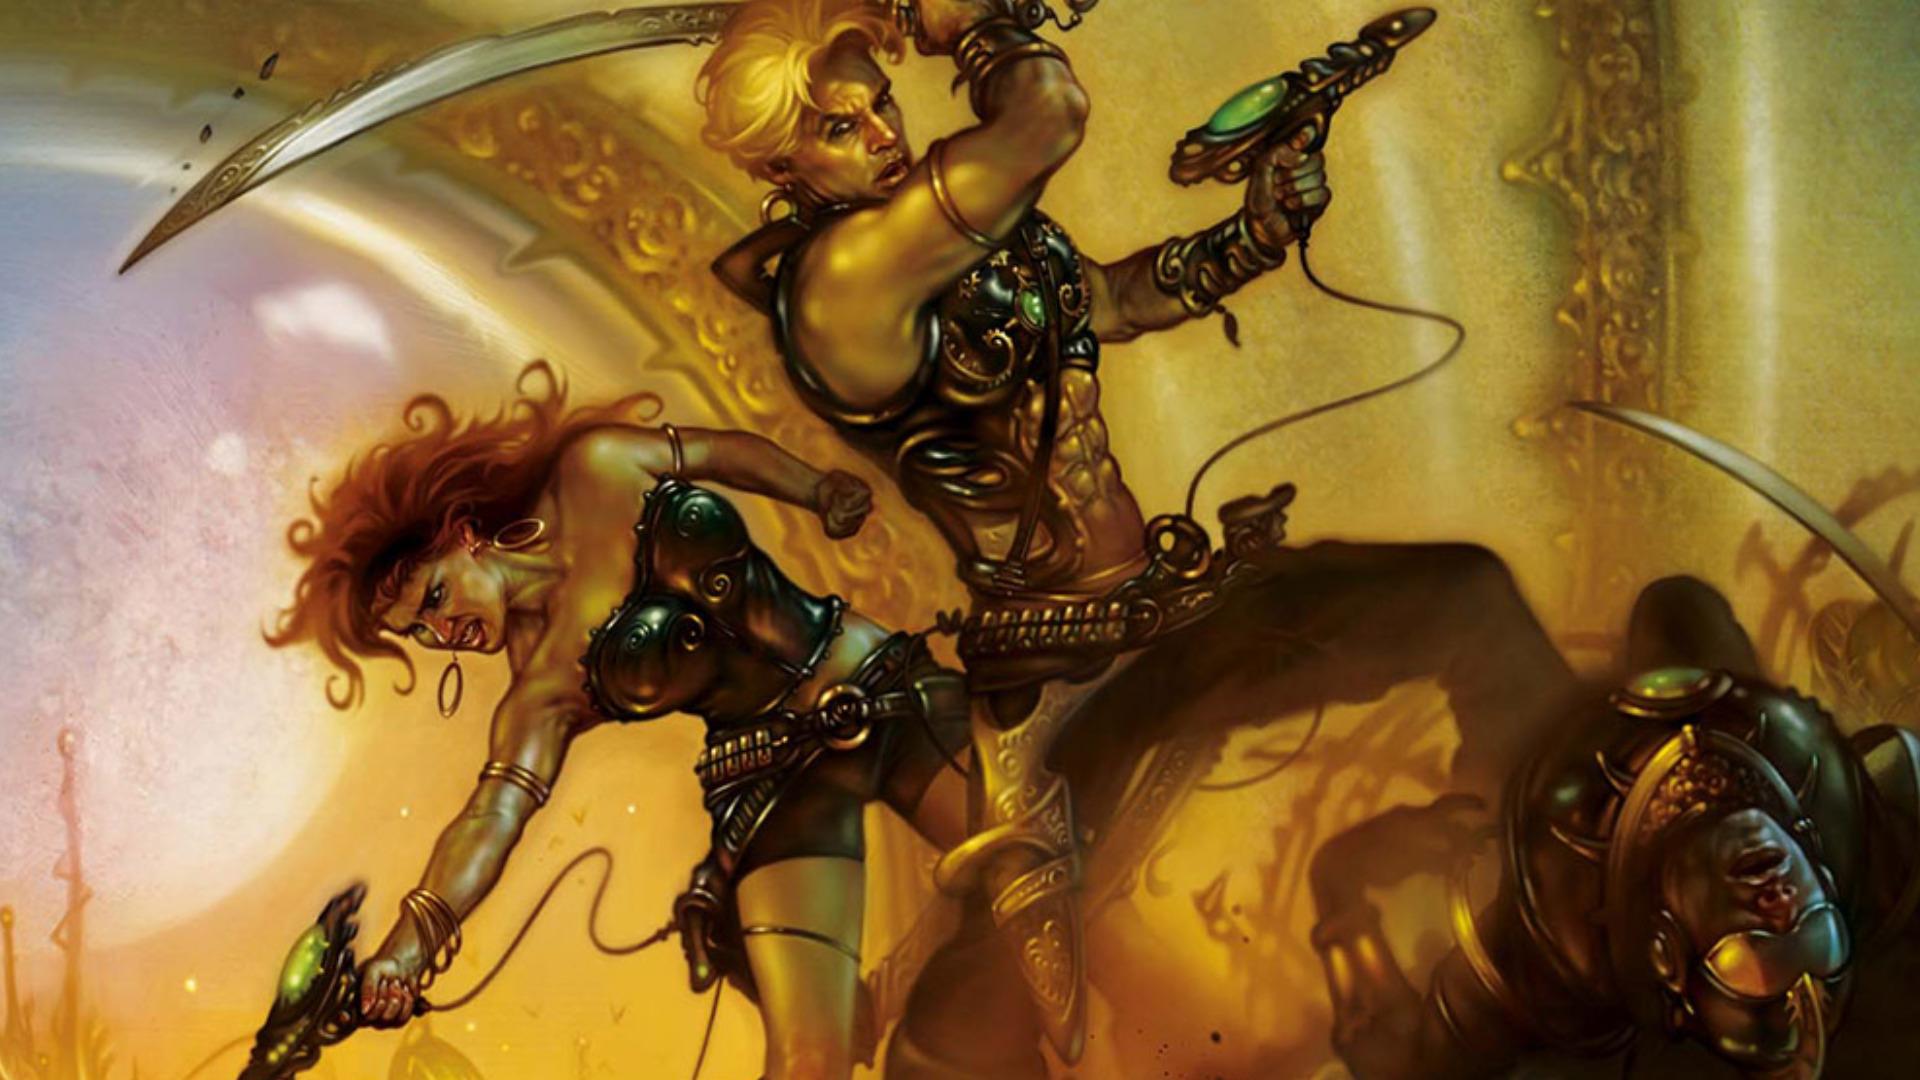 Porn sci fi fantasy wallpapers xxx scene